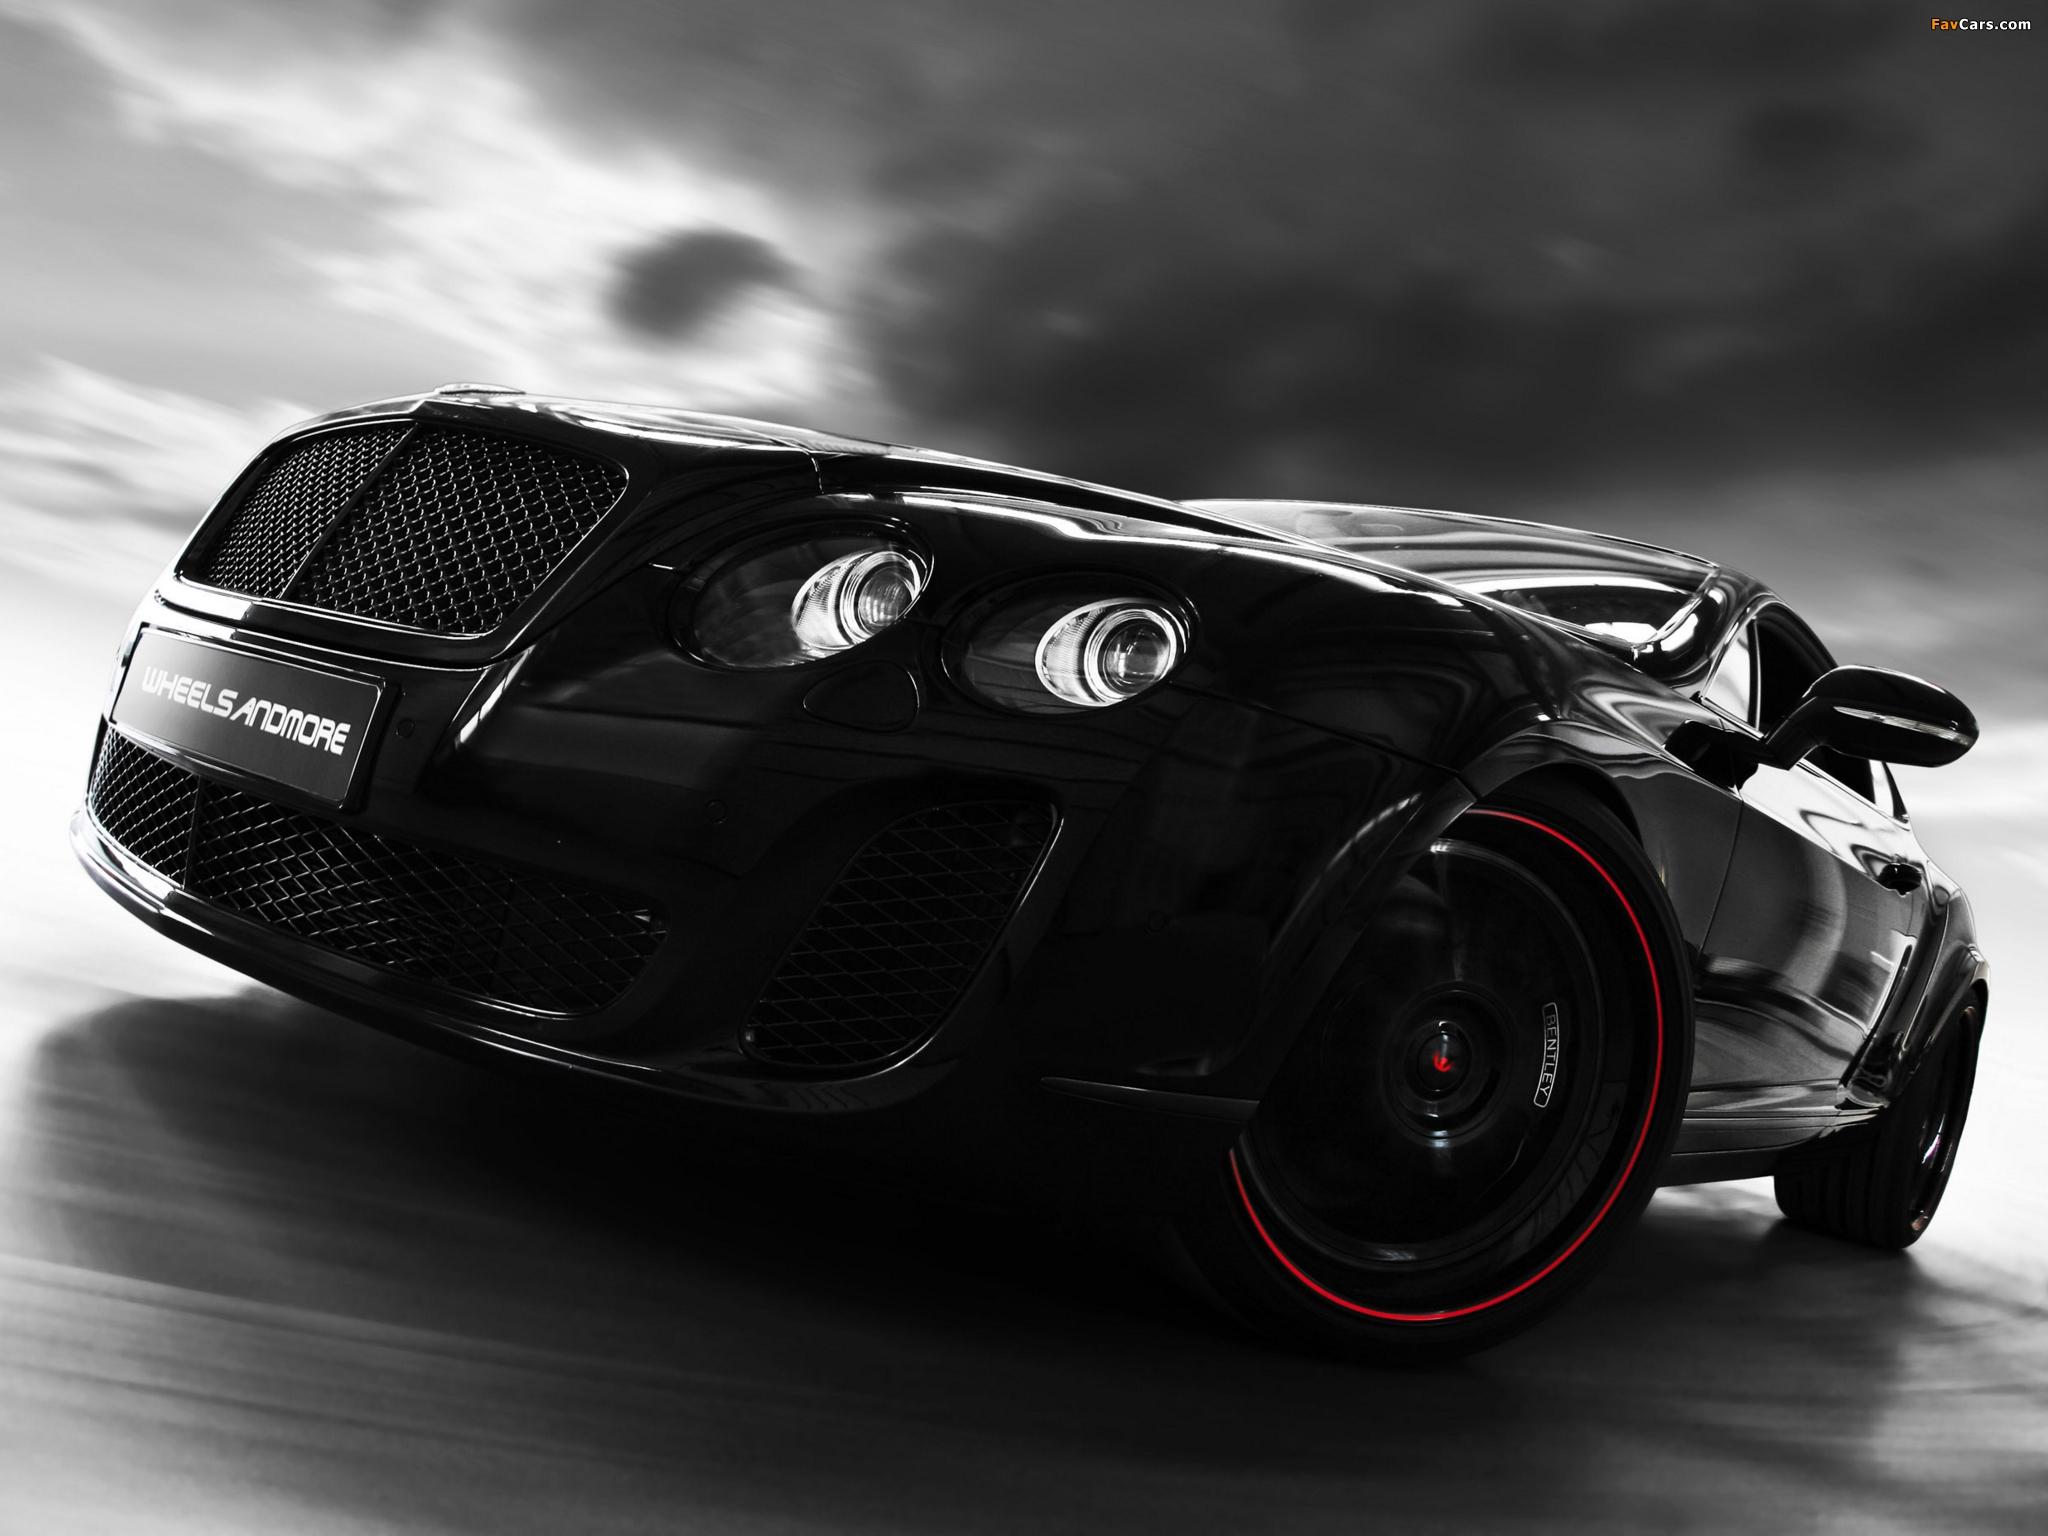 Wheelsandmore Bentley Ultrasports 702 2010 photos (2048 x 1536)